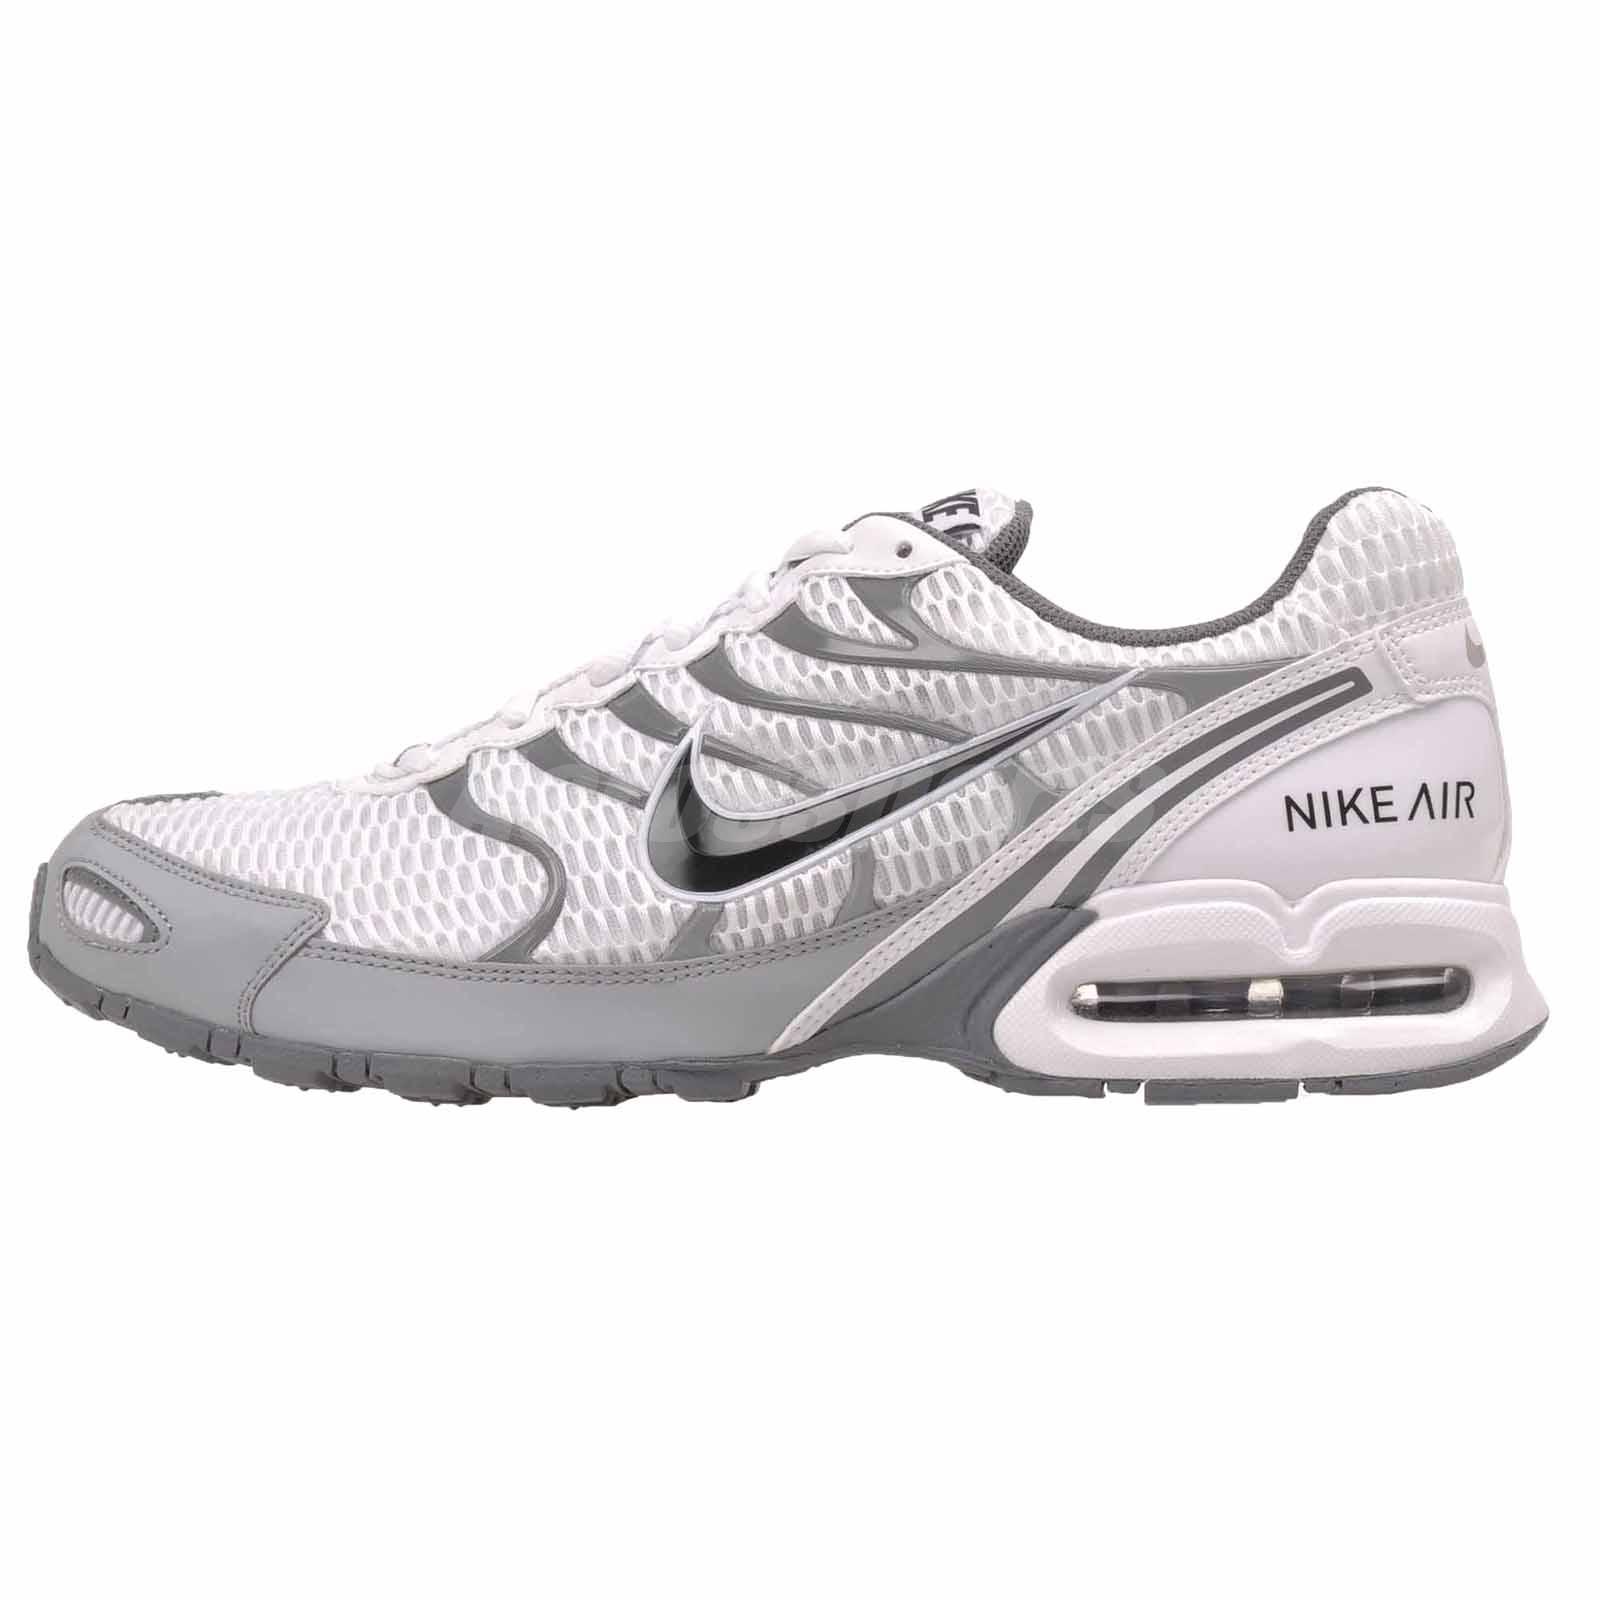 a77b5a3eedad Nike Air Max Torch 4 Cross Training Mens Shoes NWOB White 343846-100 ...